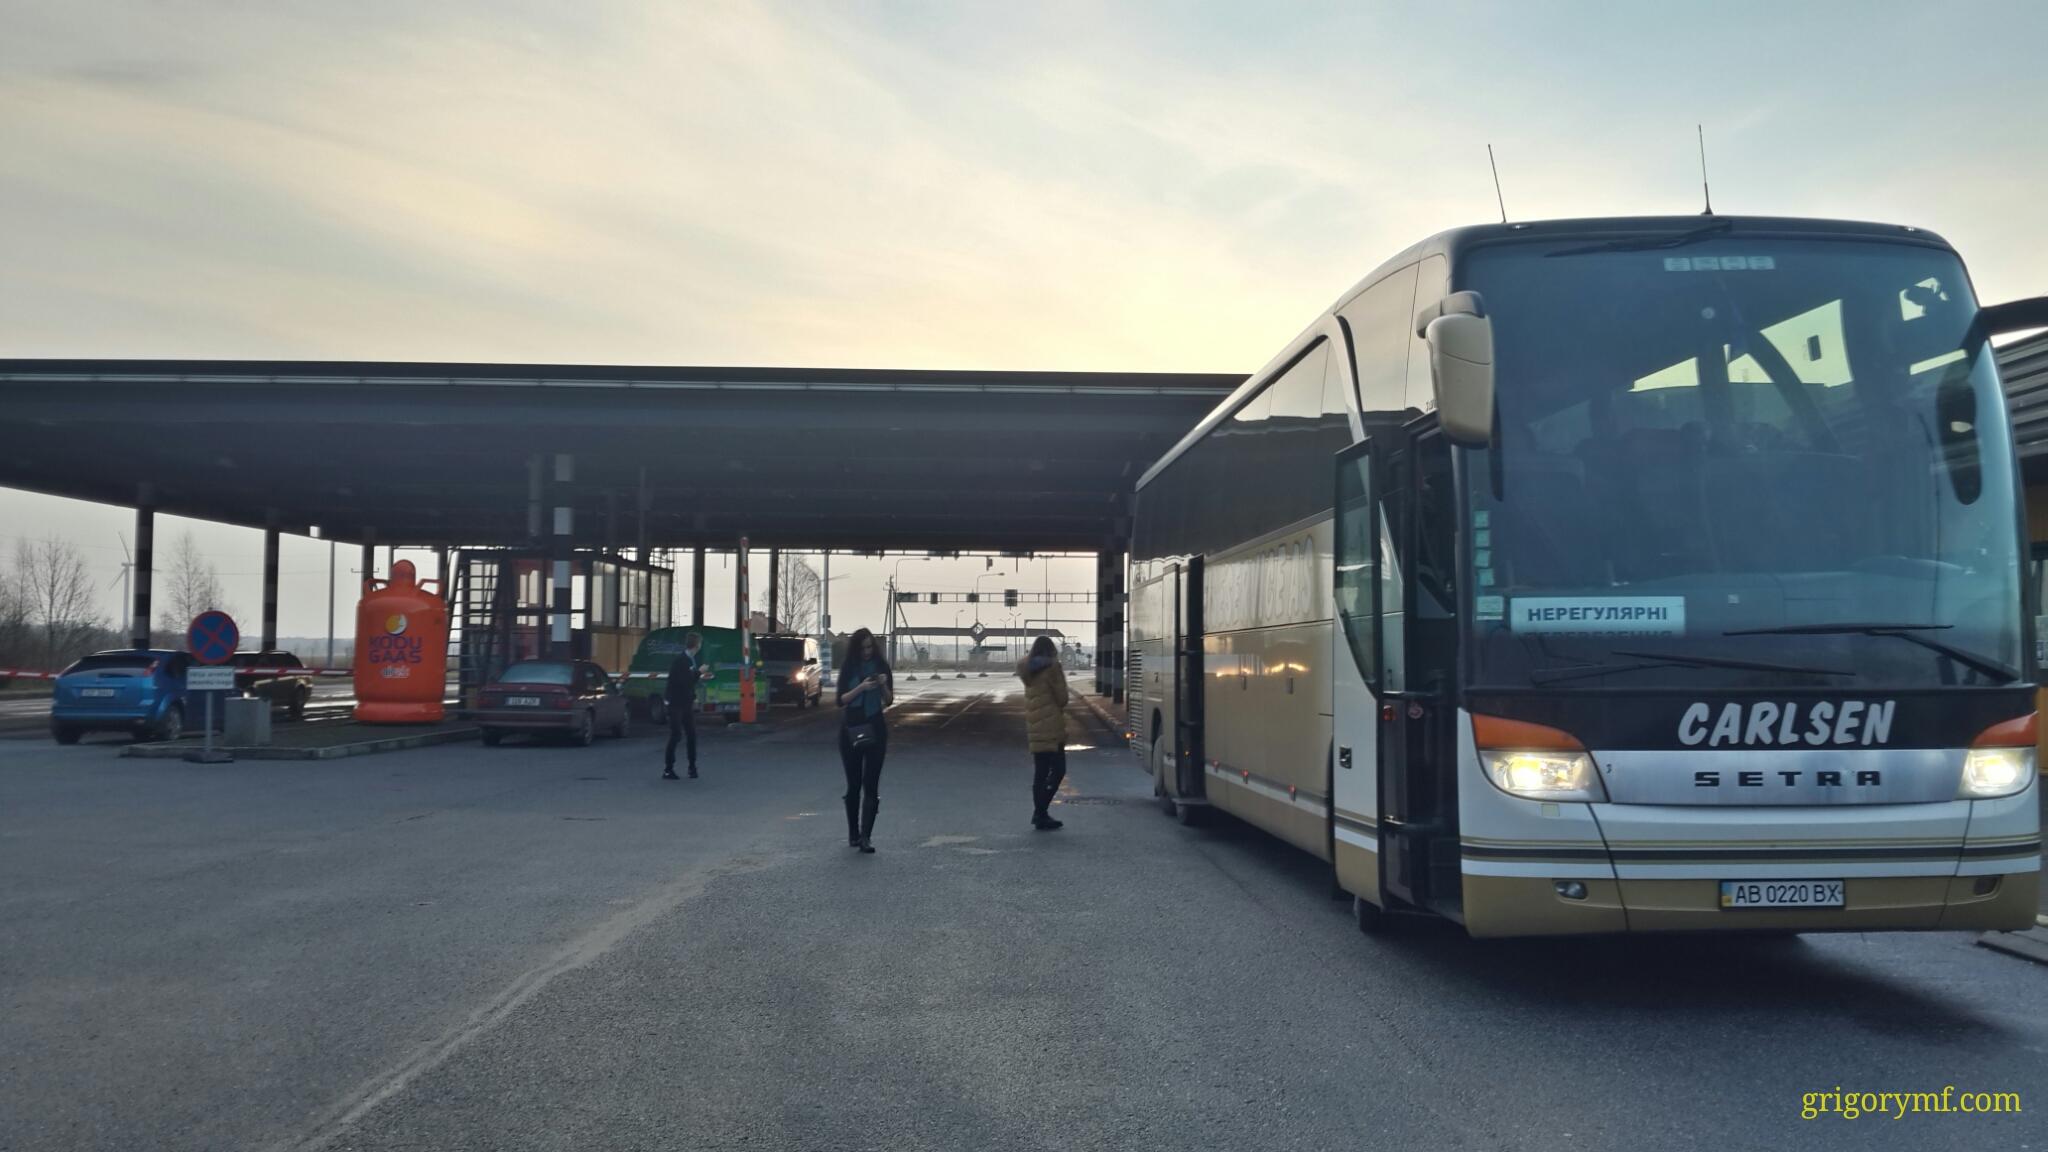 Латвия, Эстония, граница, автобус, автобусный тур, Setra s 417 HDH